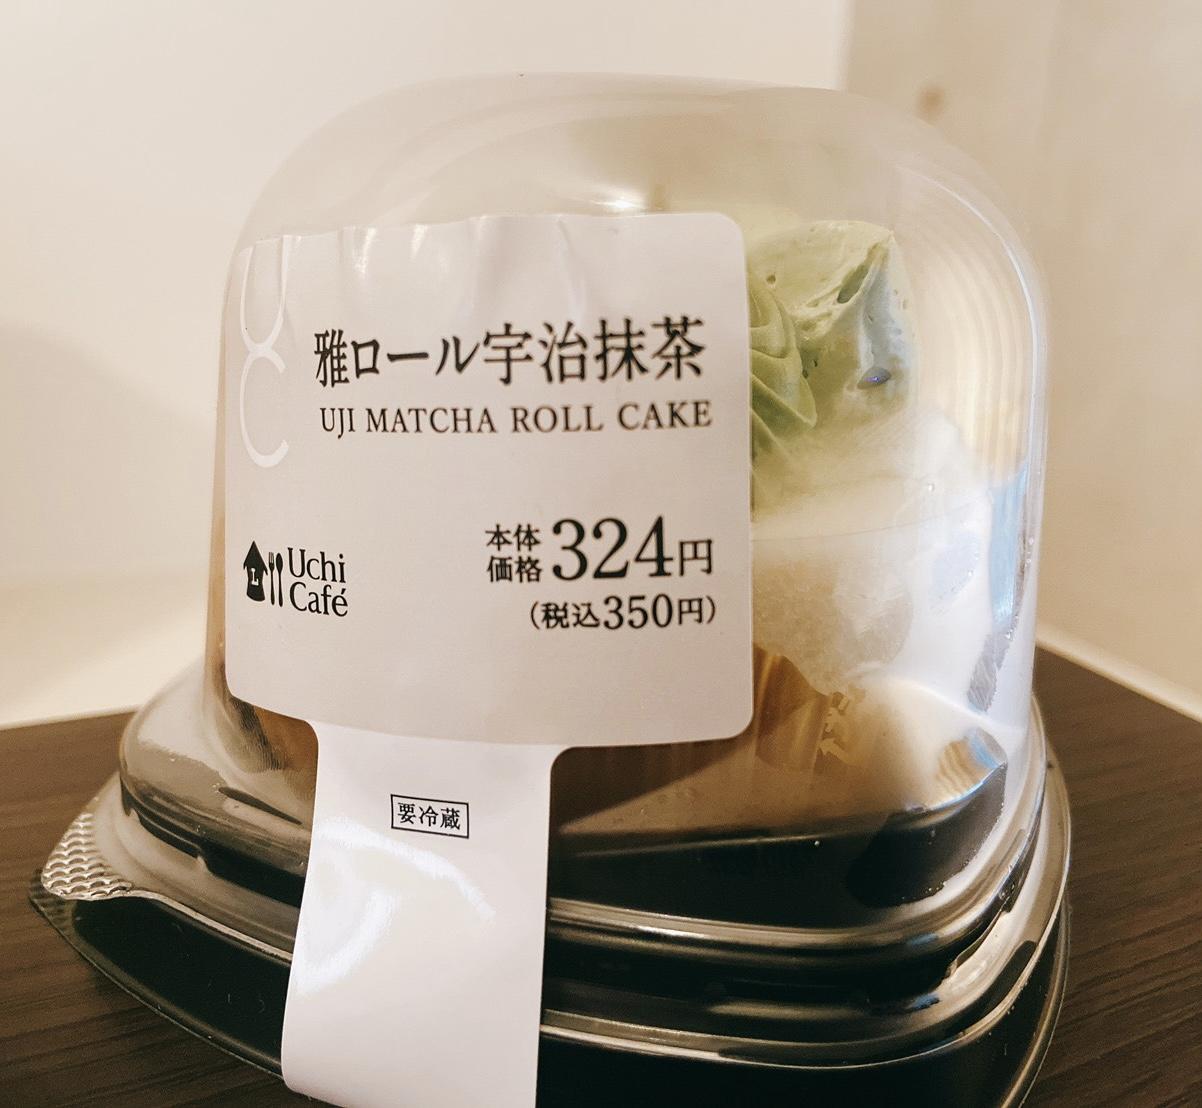 【新発売】ほぼ抹茶クリーム!?毎月6日はロールケーキの日!【食レポ】_2